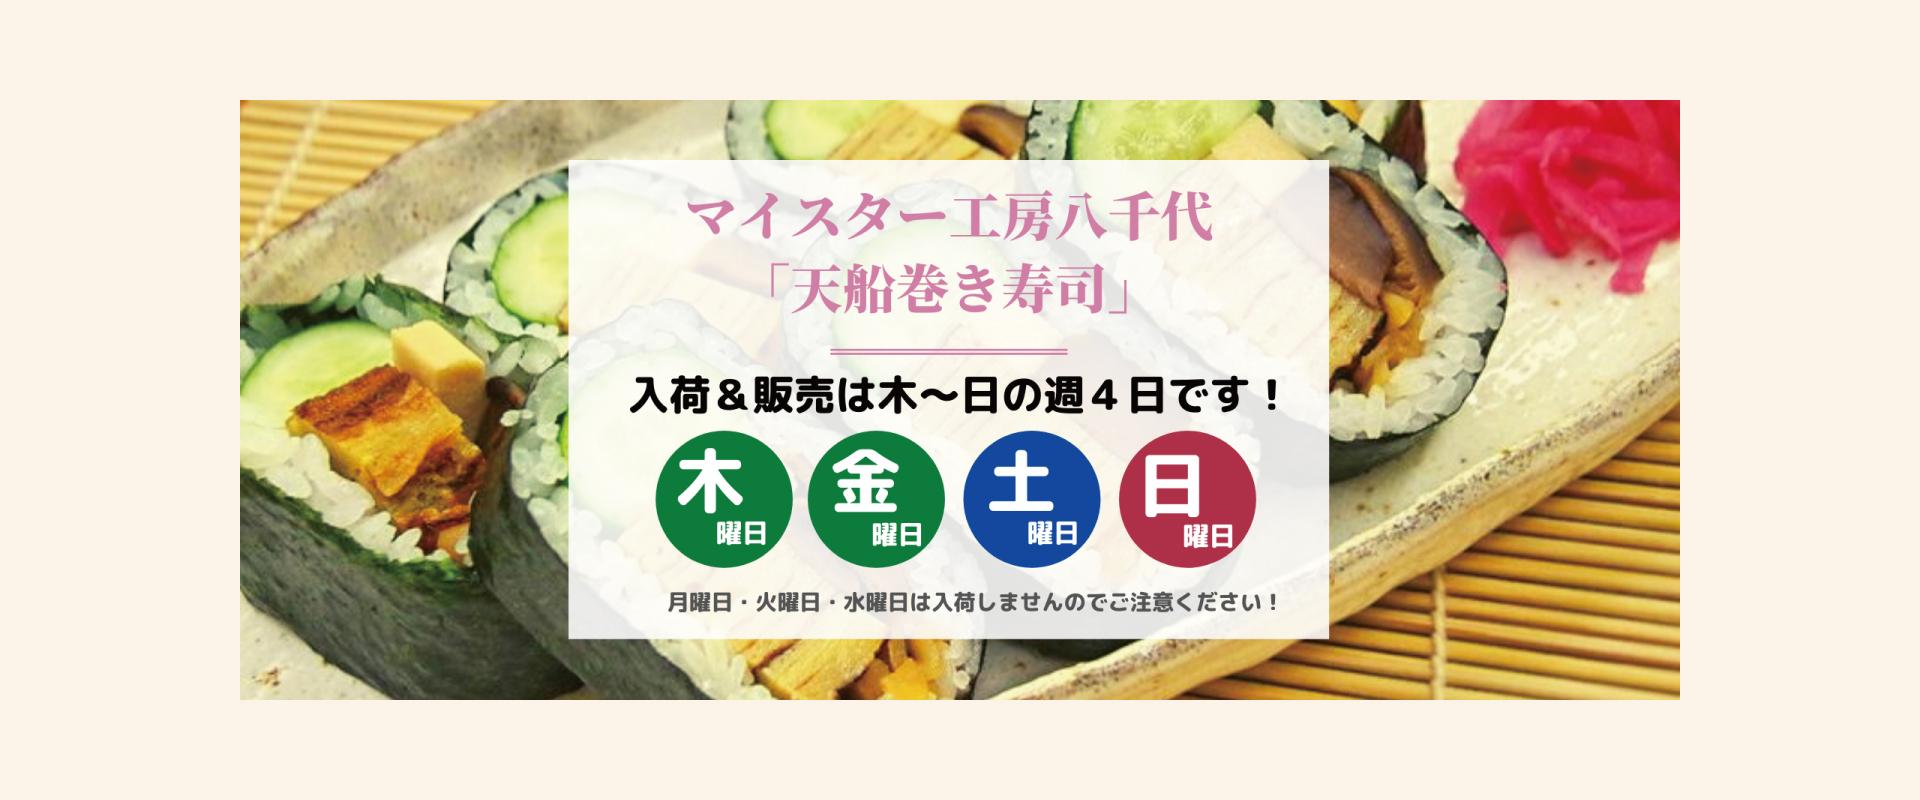 マイスター工房八千代「天船巻き寿司」の入荷日は木曜・金曜・土曜・日曜の週4日です!